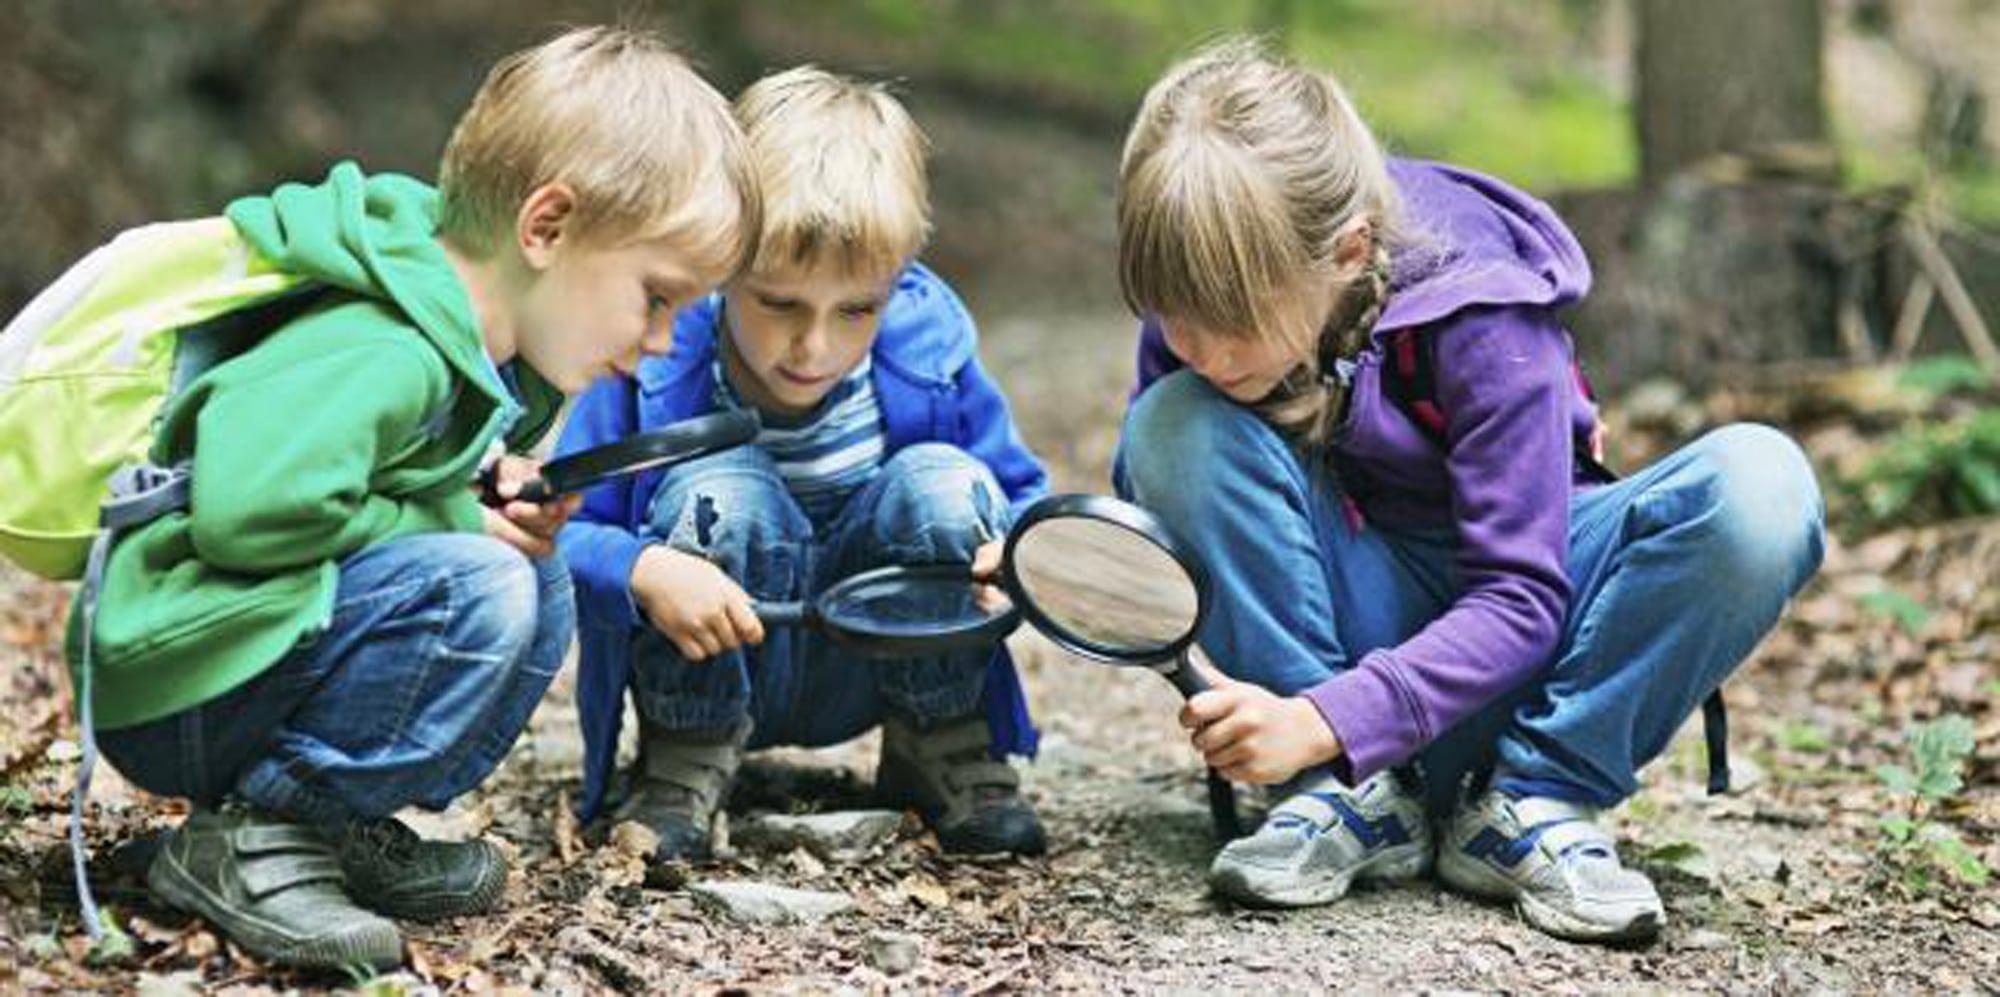 Ways to Introduce STEM to Children